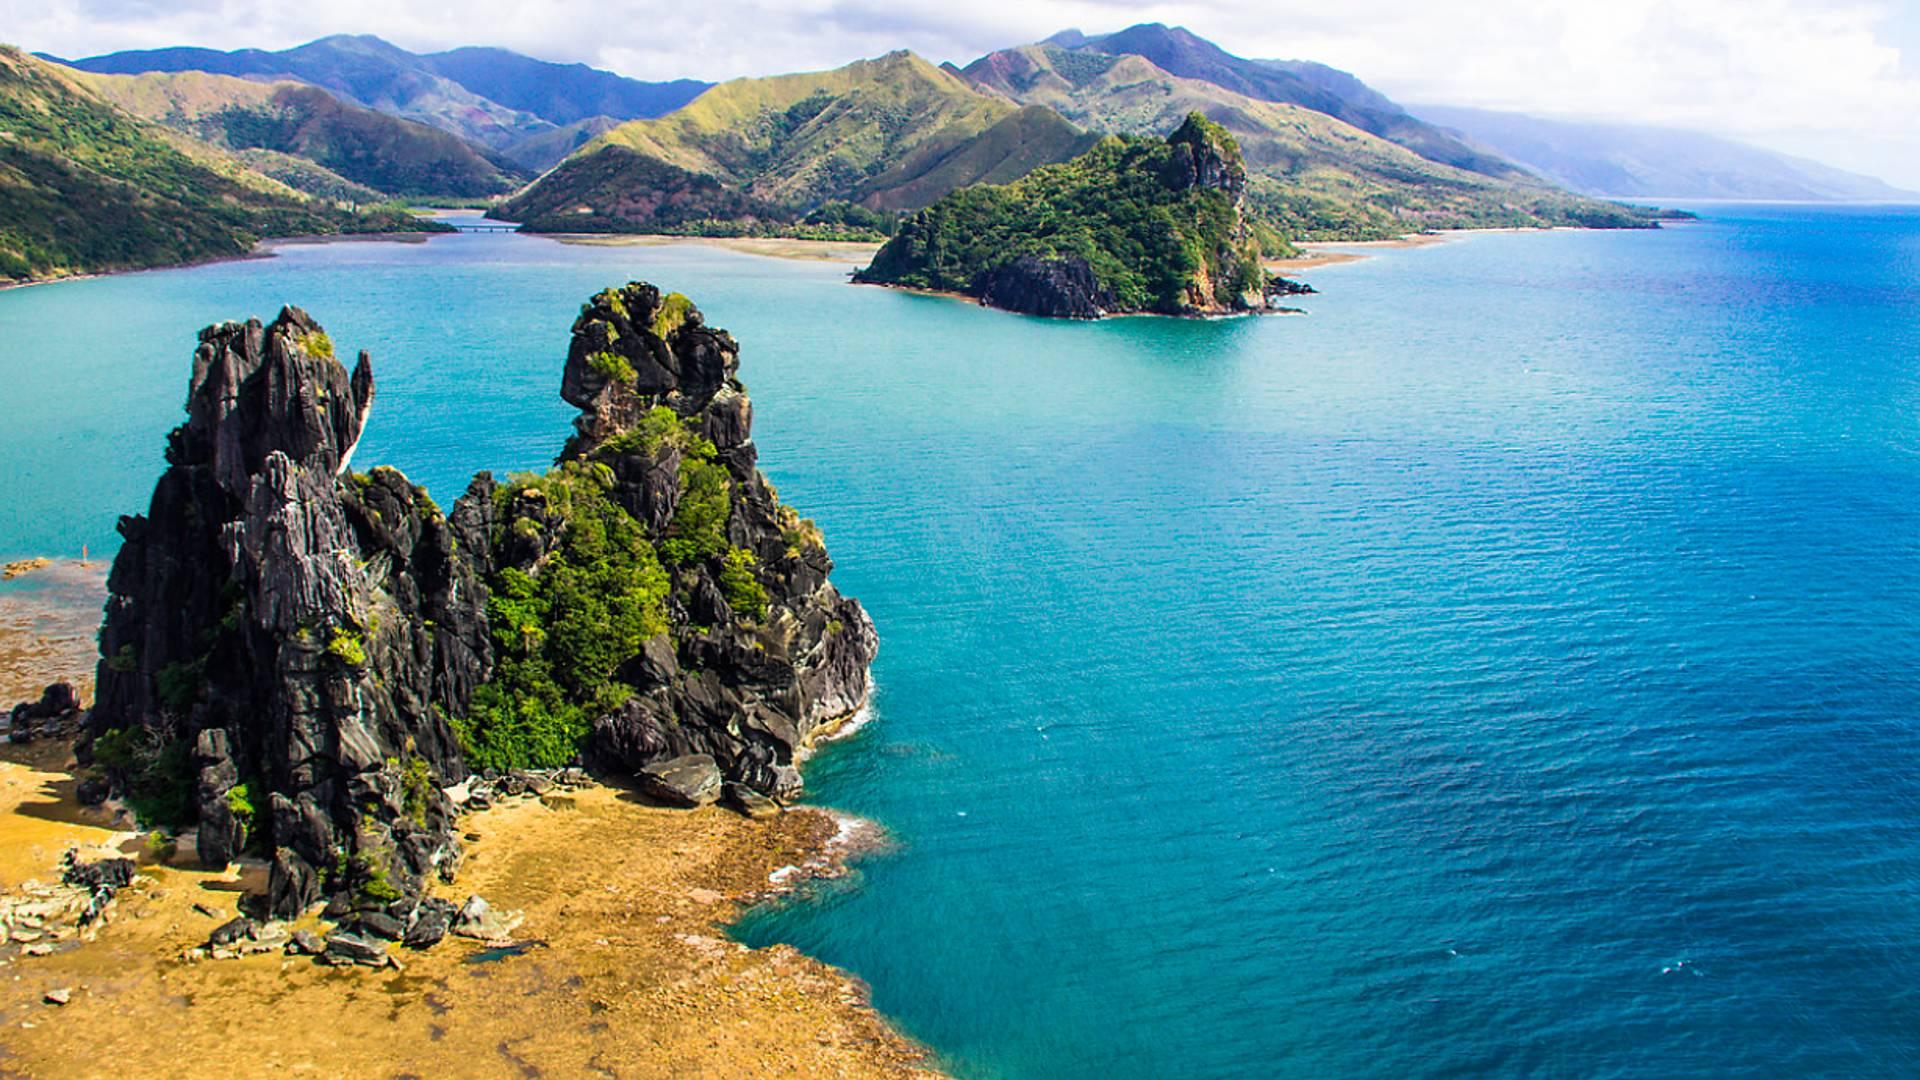 Découverte de l'archipel au fil de l'eau : entre palmes et pirogues